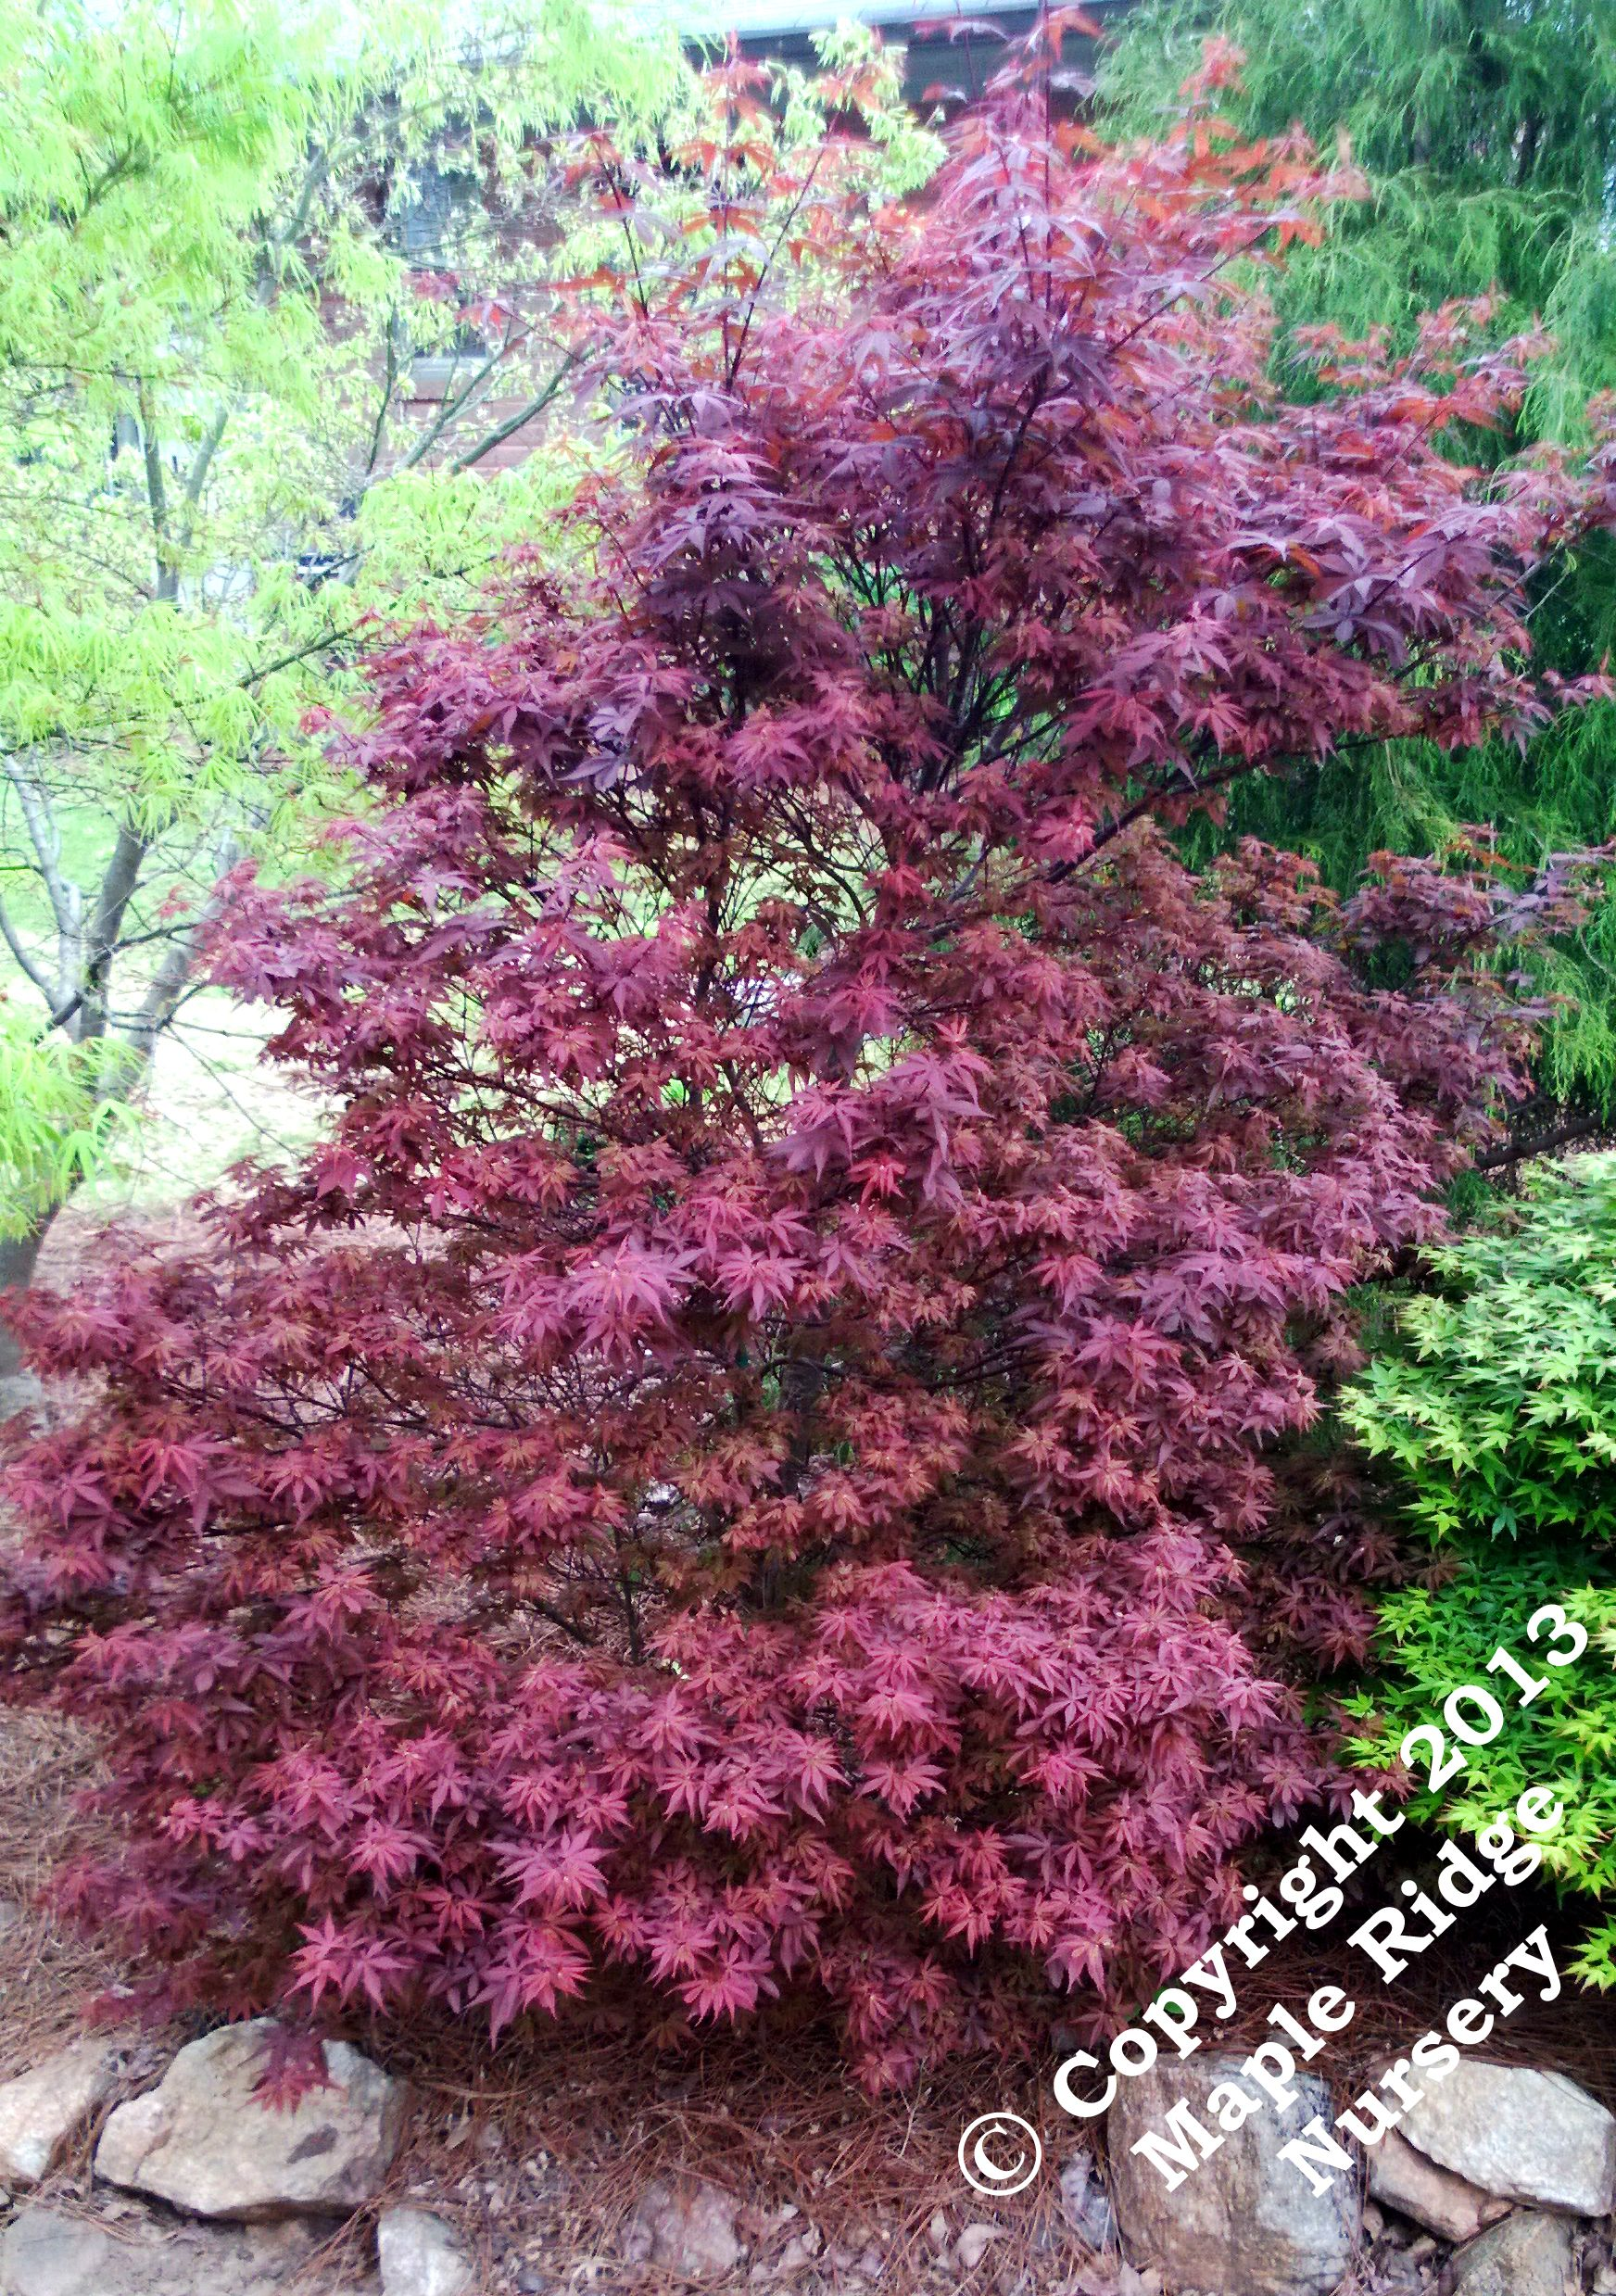 200 300 cm acer palmatum 39 skeeter 39 s broom 39 rouge lumineux au printemps pourpre bronze en t. Black Bedroom Furniture Sets. Home Design Ideas